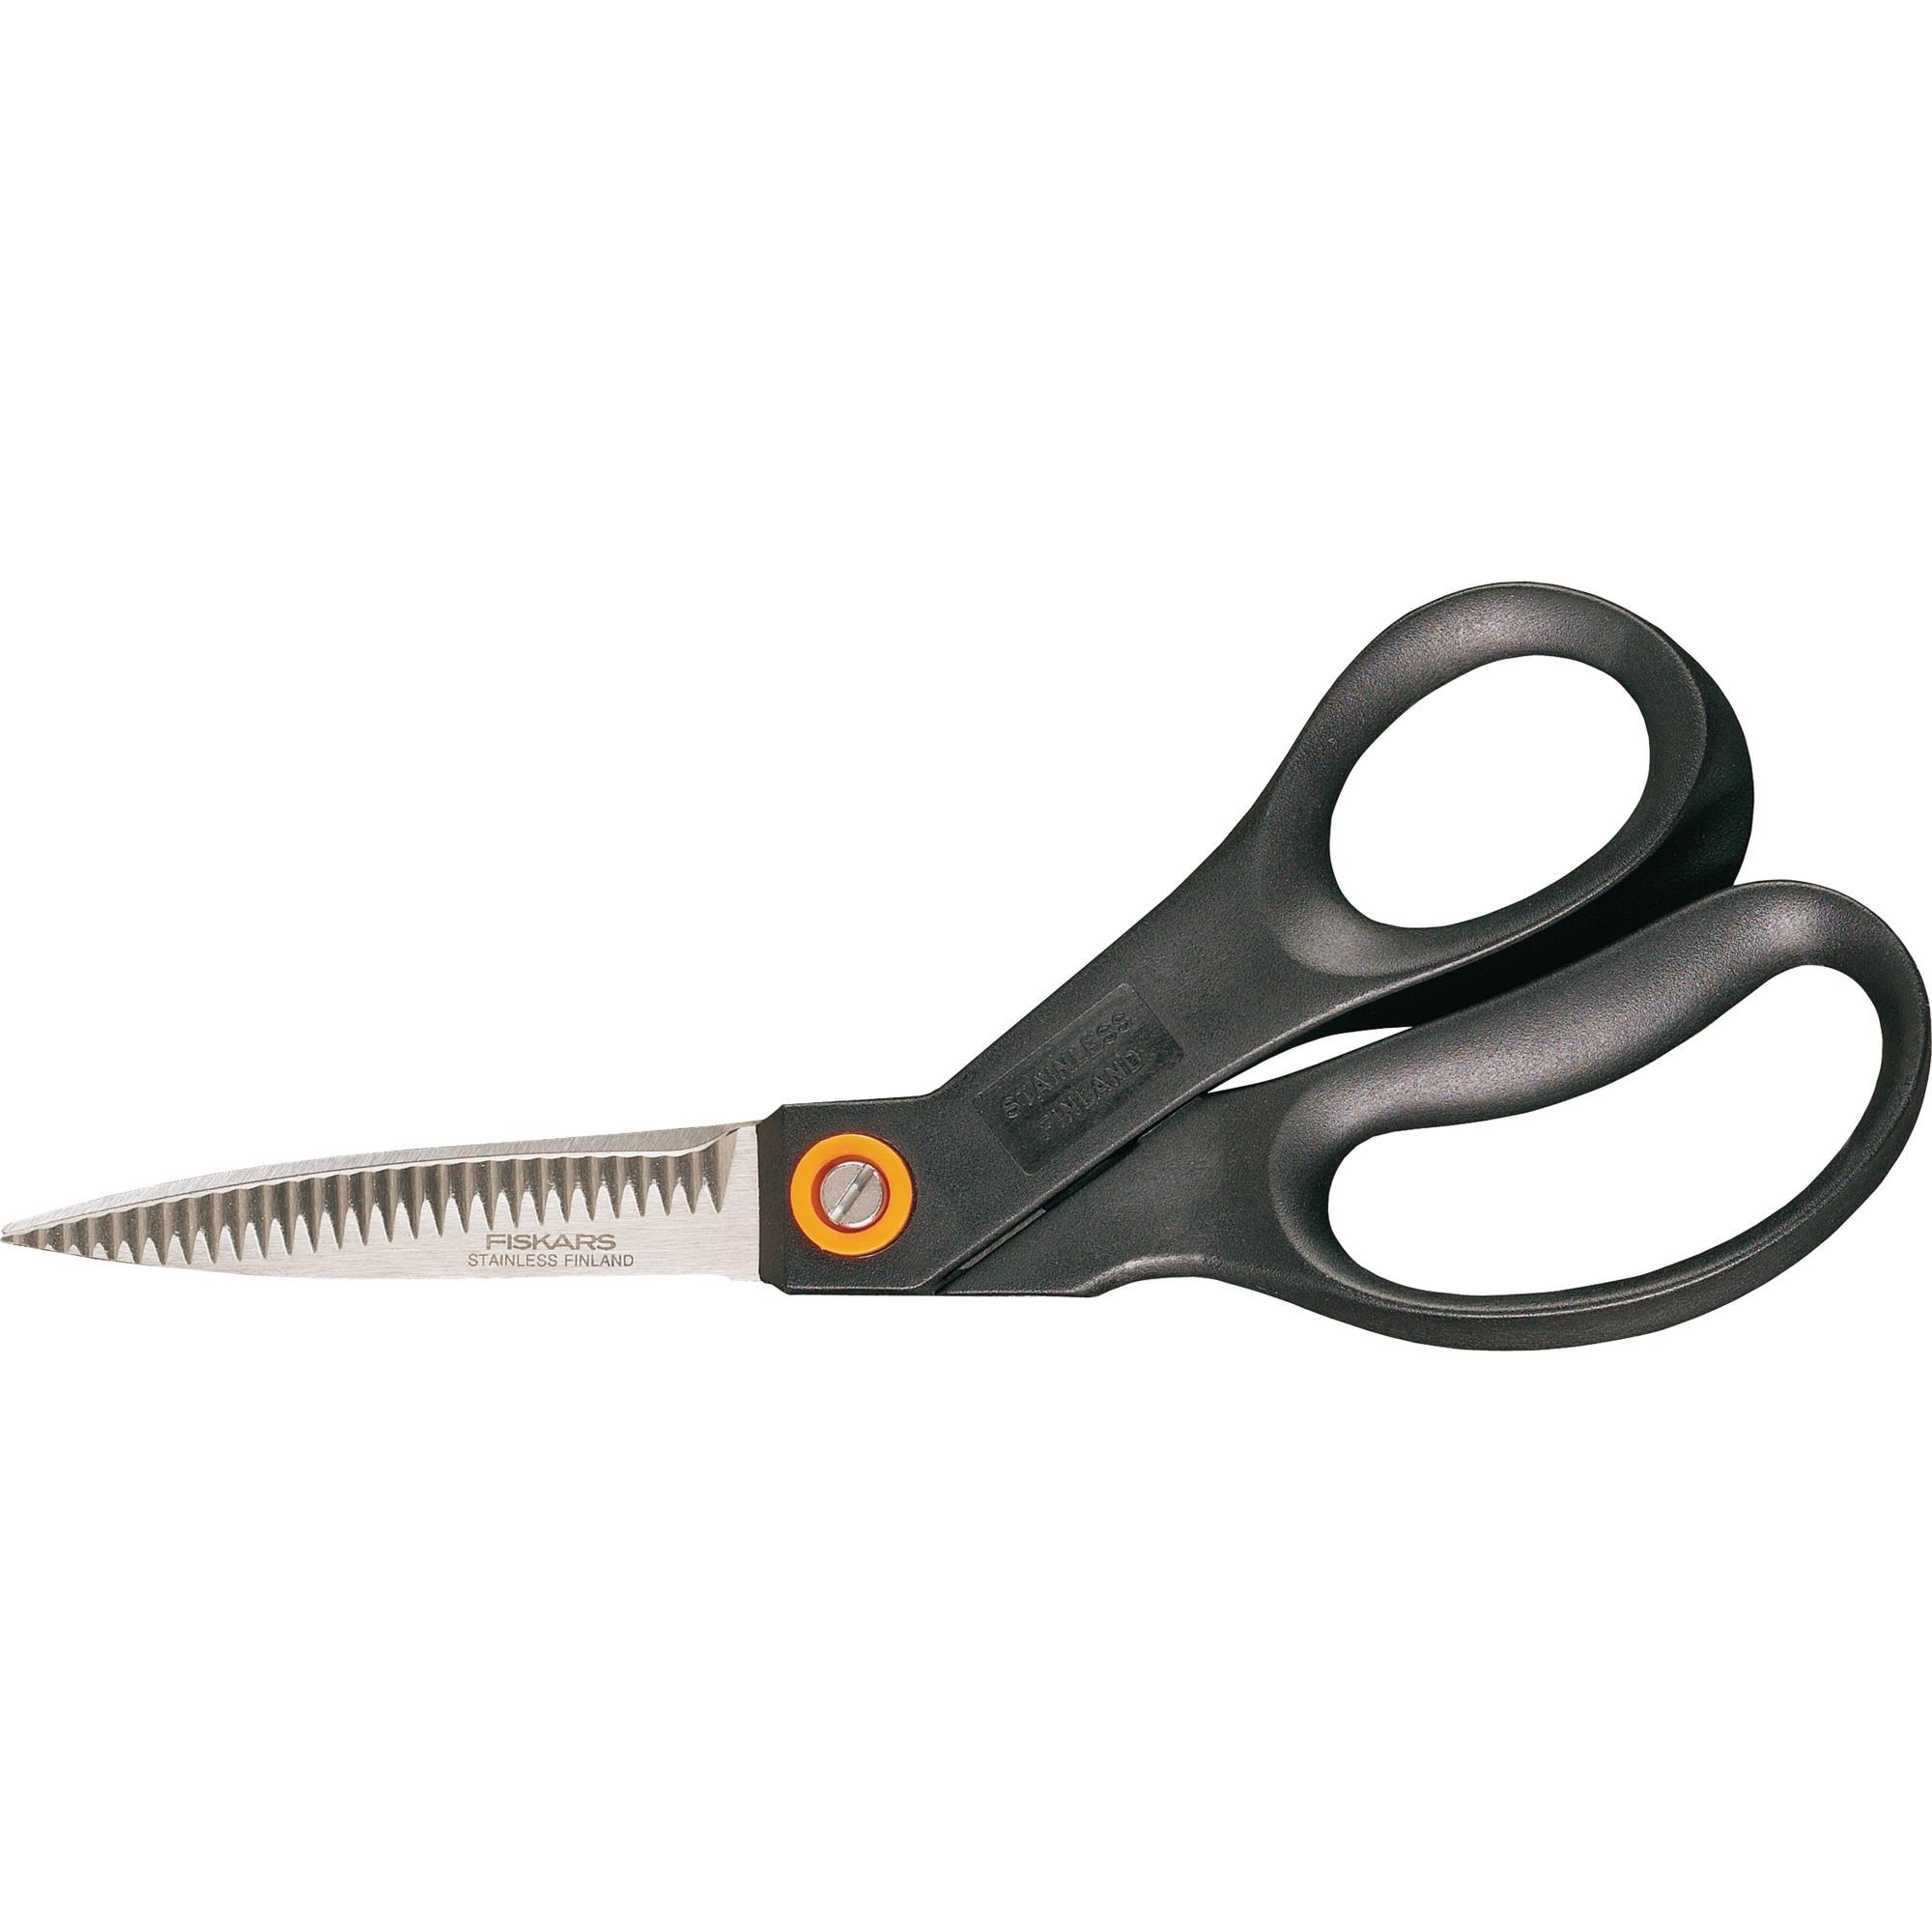 1001544 Universal Corte recto Negro, Naranja tijera de escritorio y manualidades, Tijeras